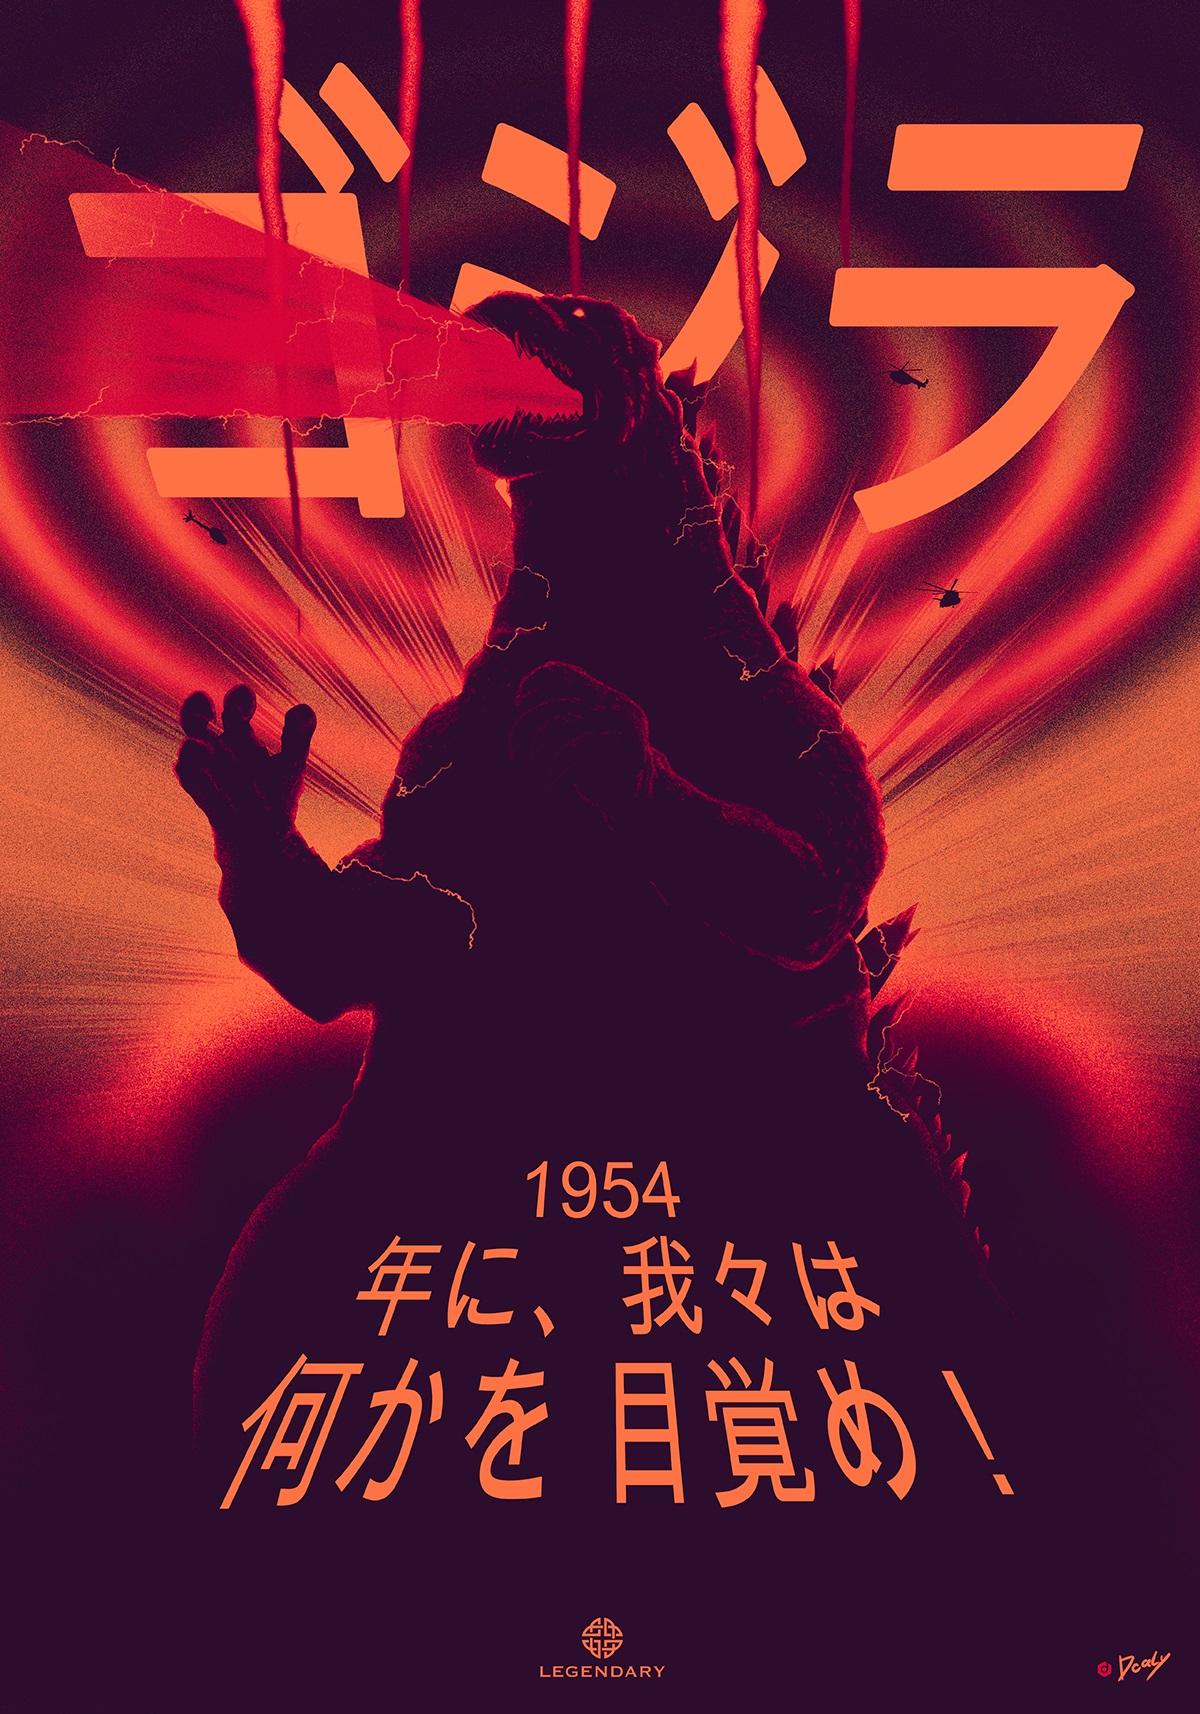 Godzilla by Doaly Variant